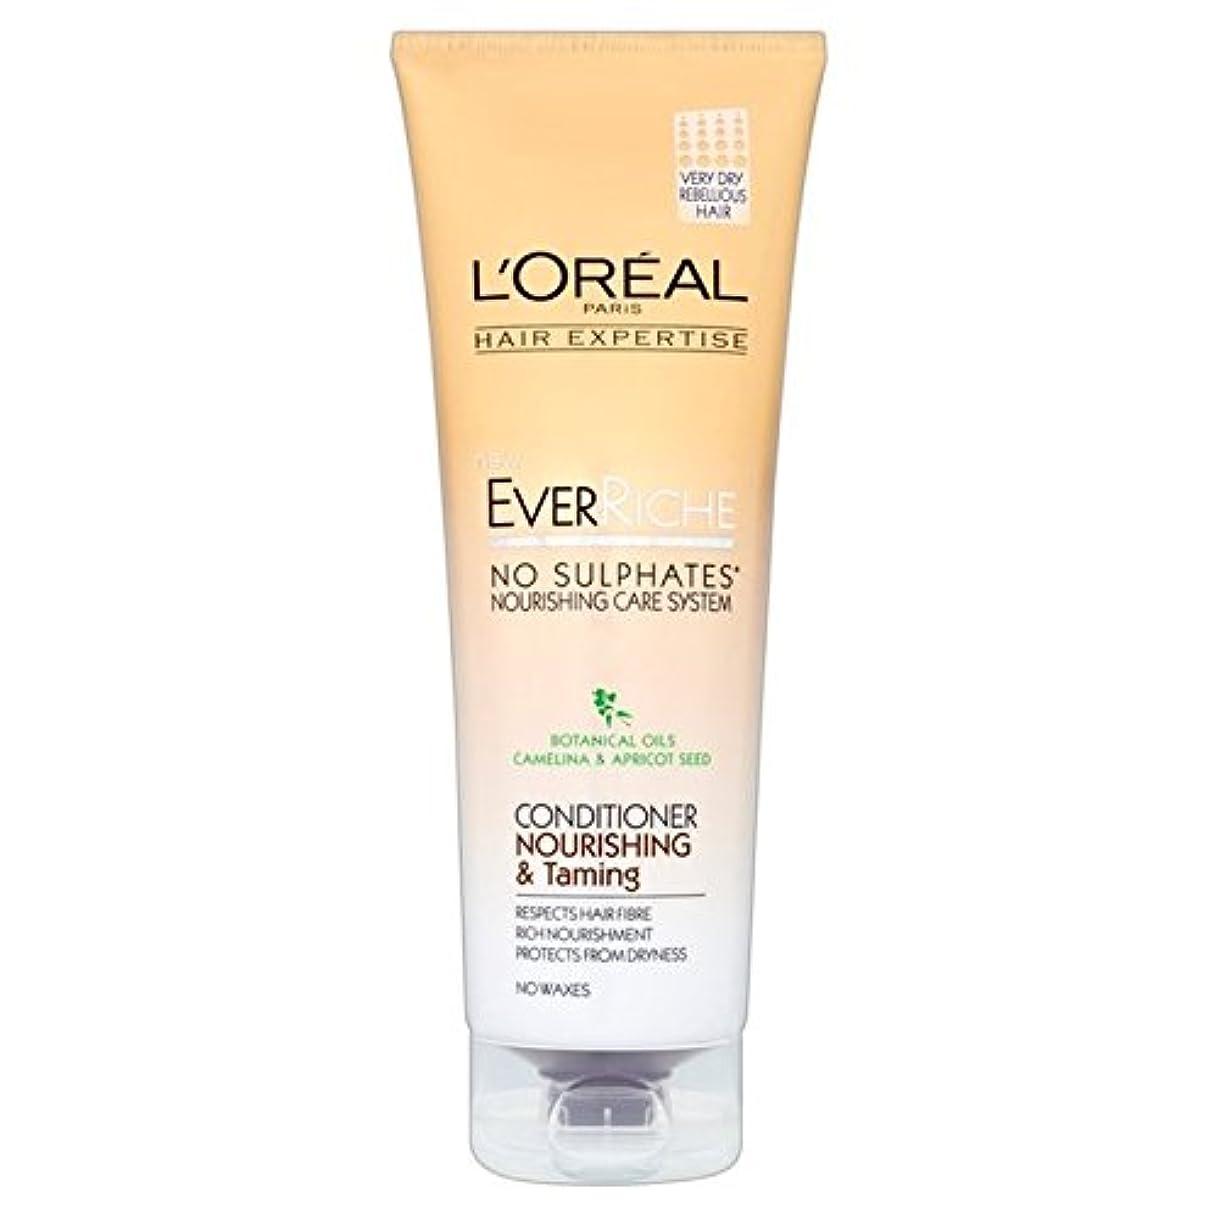 露控えめなドレインロレアルの髪の専門知識、これまでリッシュコンディショナーヌール&調教250ミリリットル x4 - L'Oreal Hair Expertise Ever Riche Conditioner Nour & Taming 250ml...